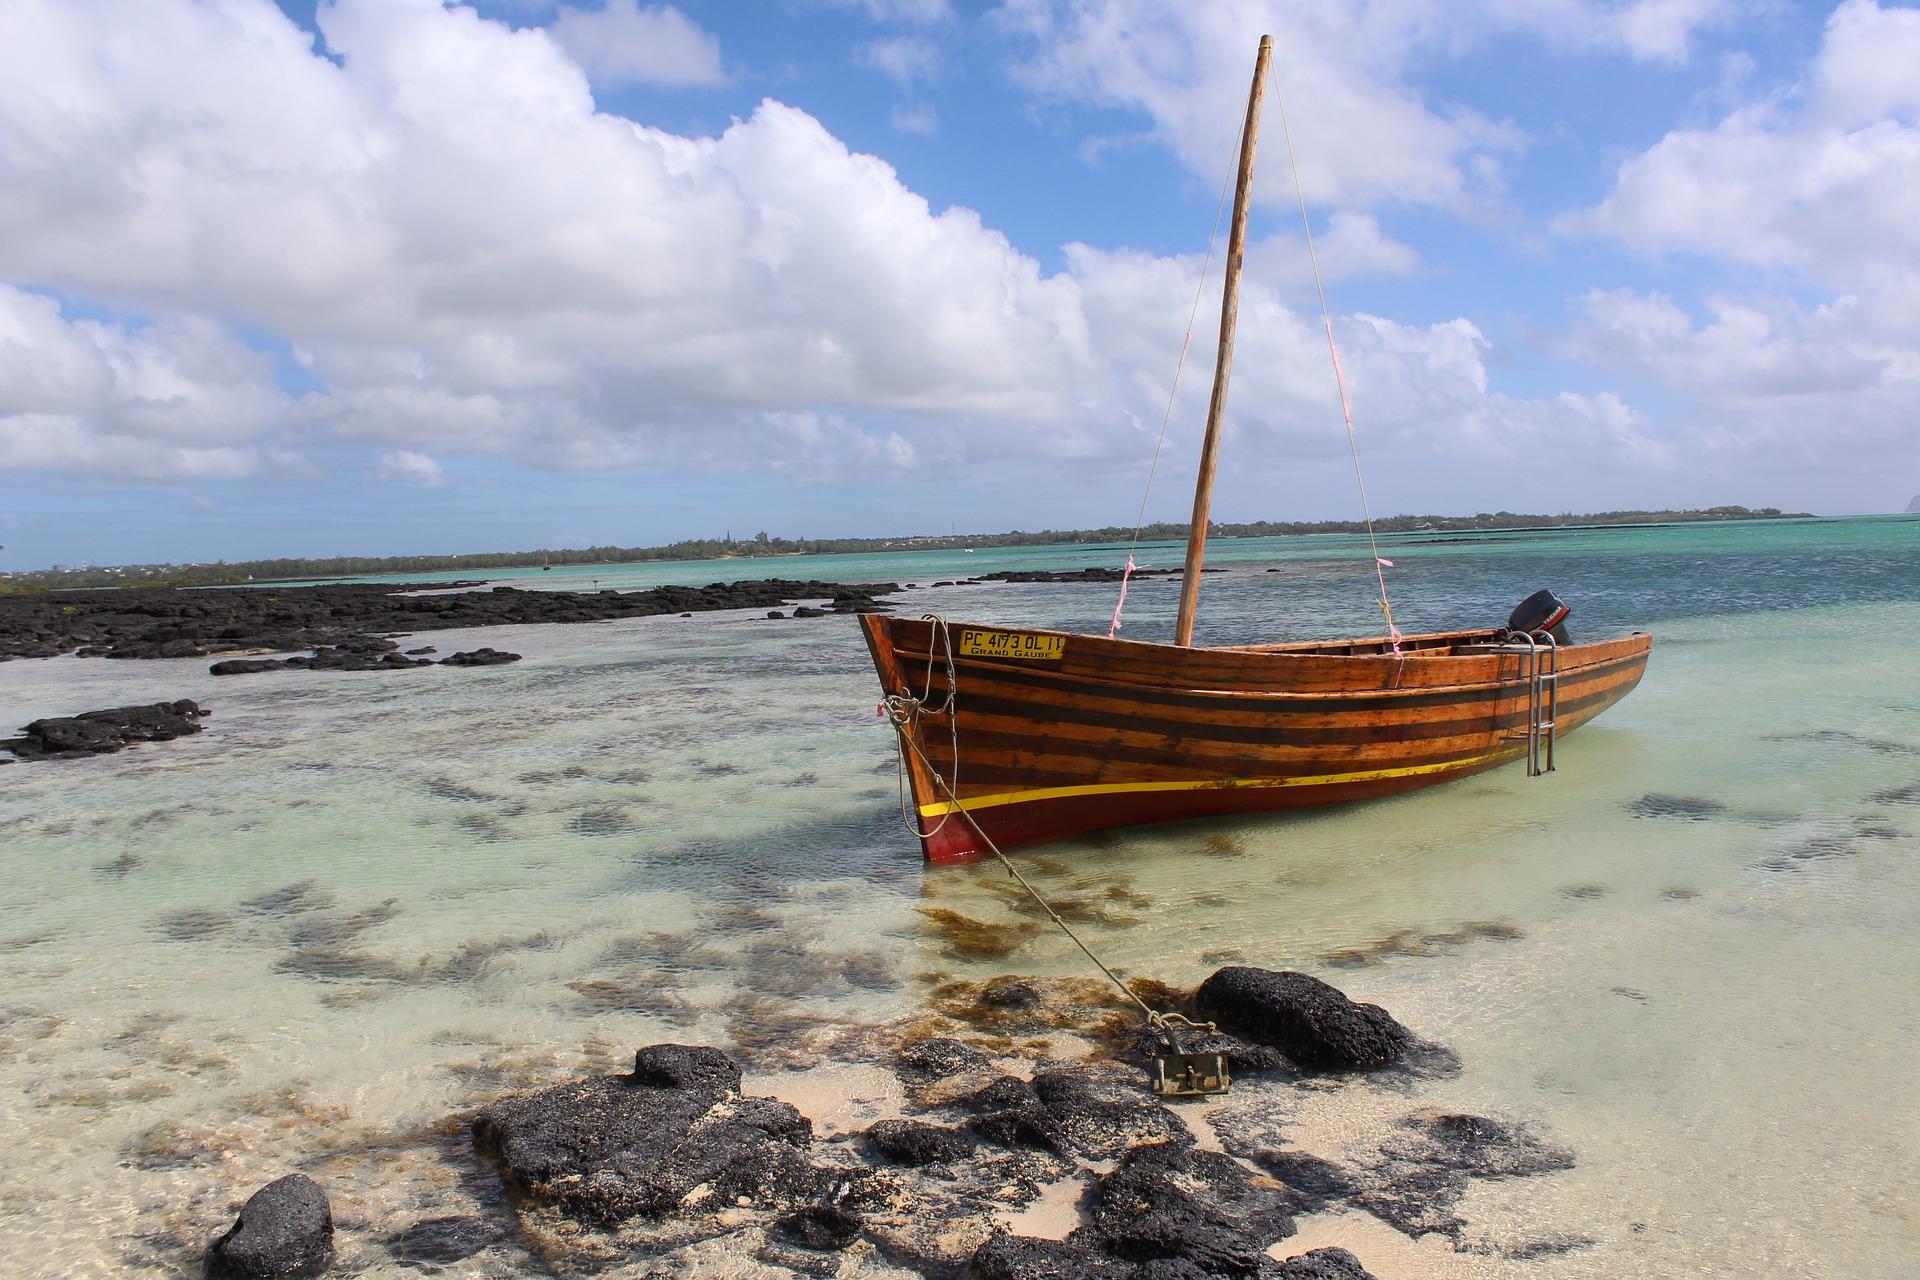 Iles Maurice vie sauvage voyage